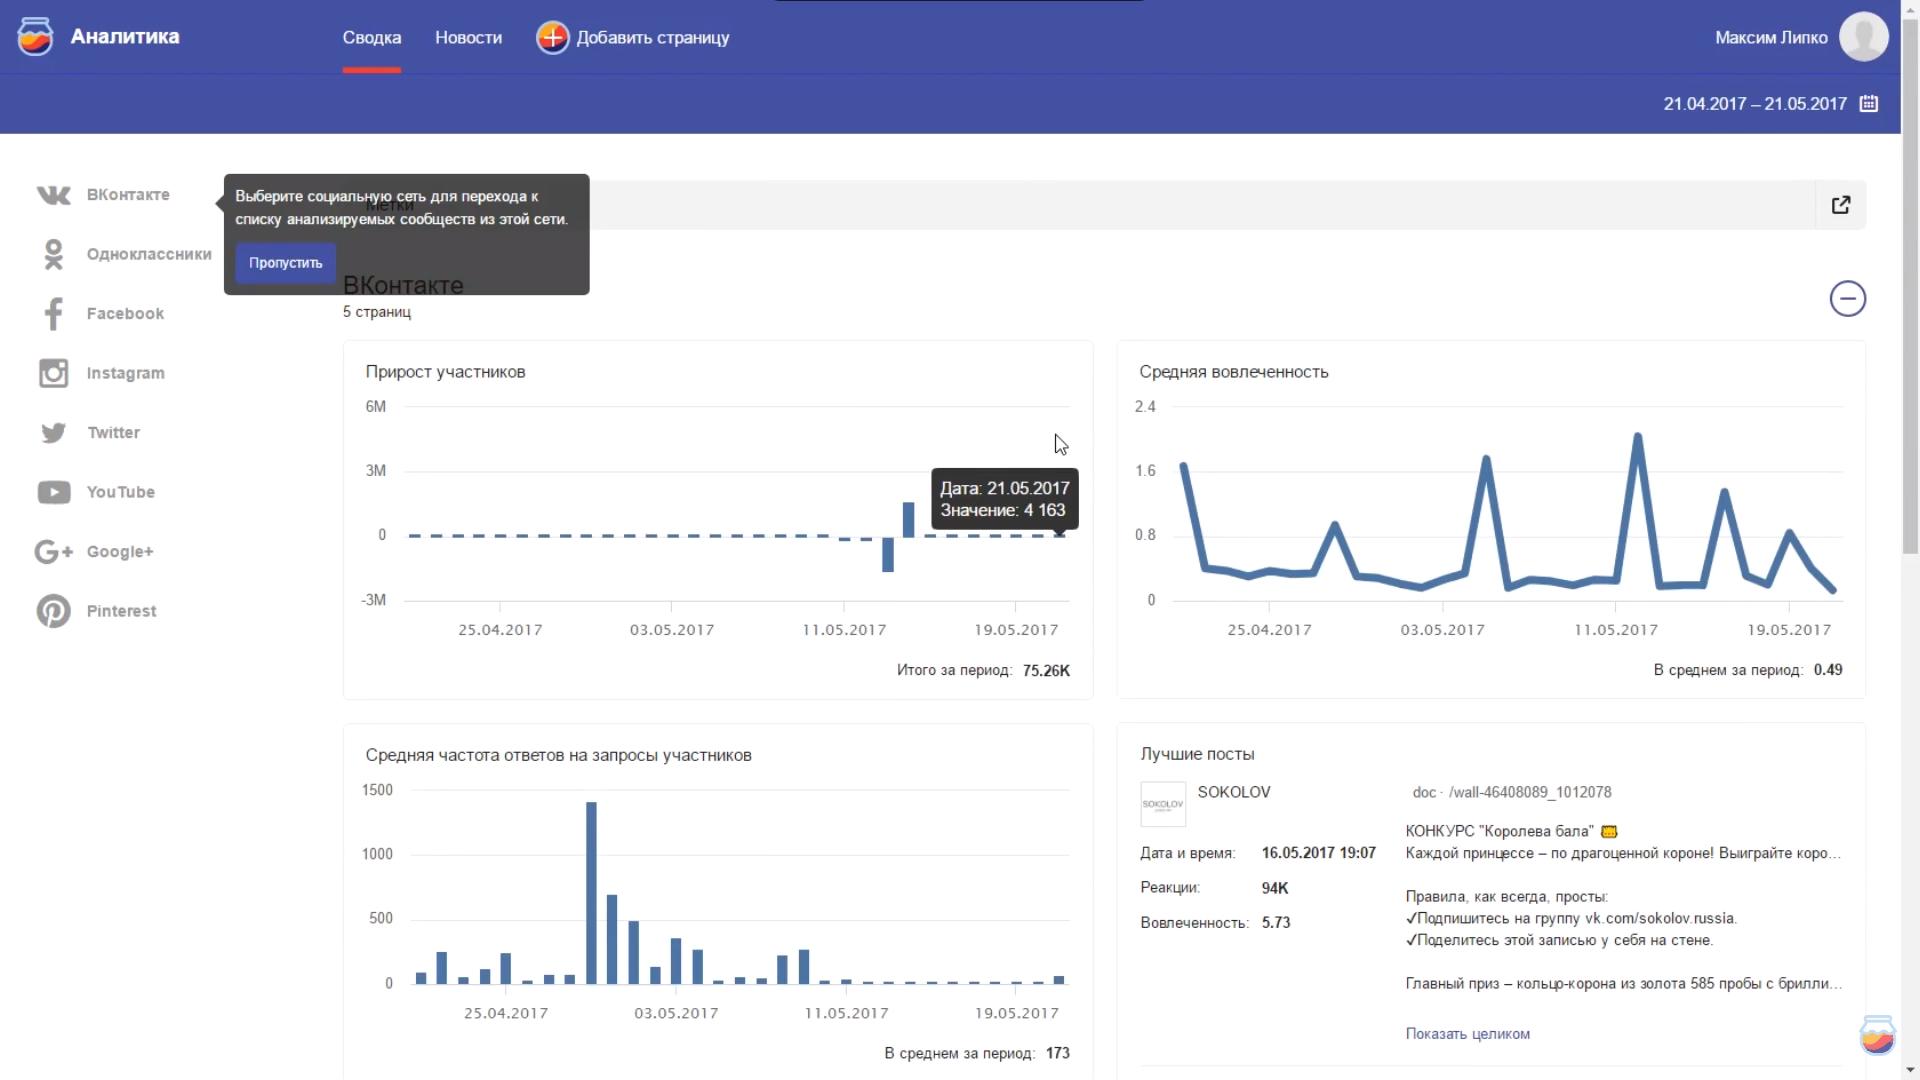 Анализ активности на странице в социальной сети в интернет-сервисе аналитики JagaJam